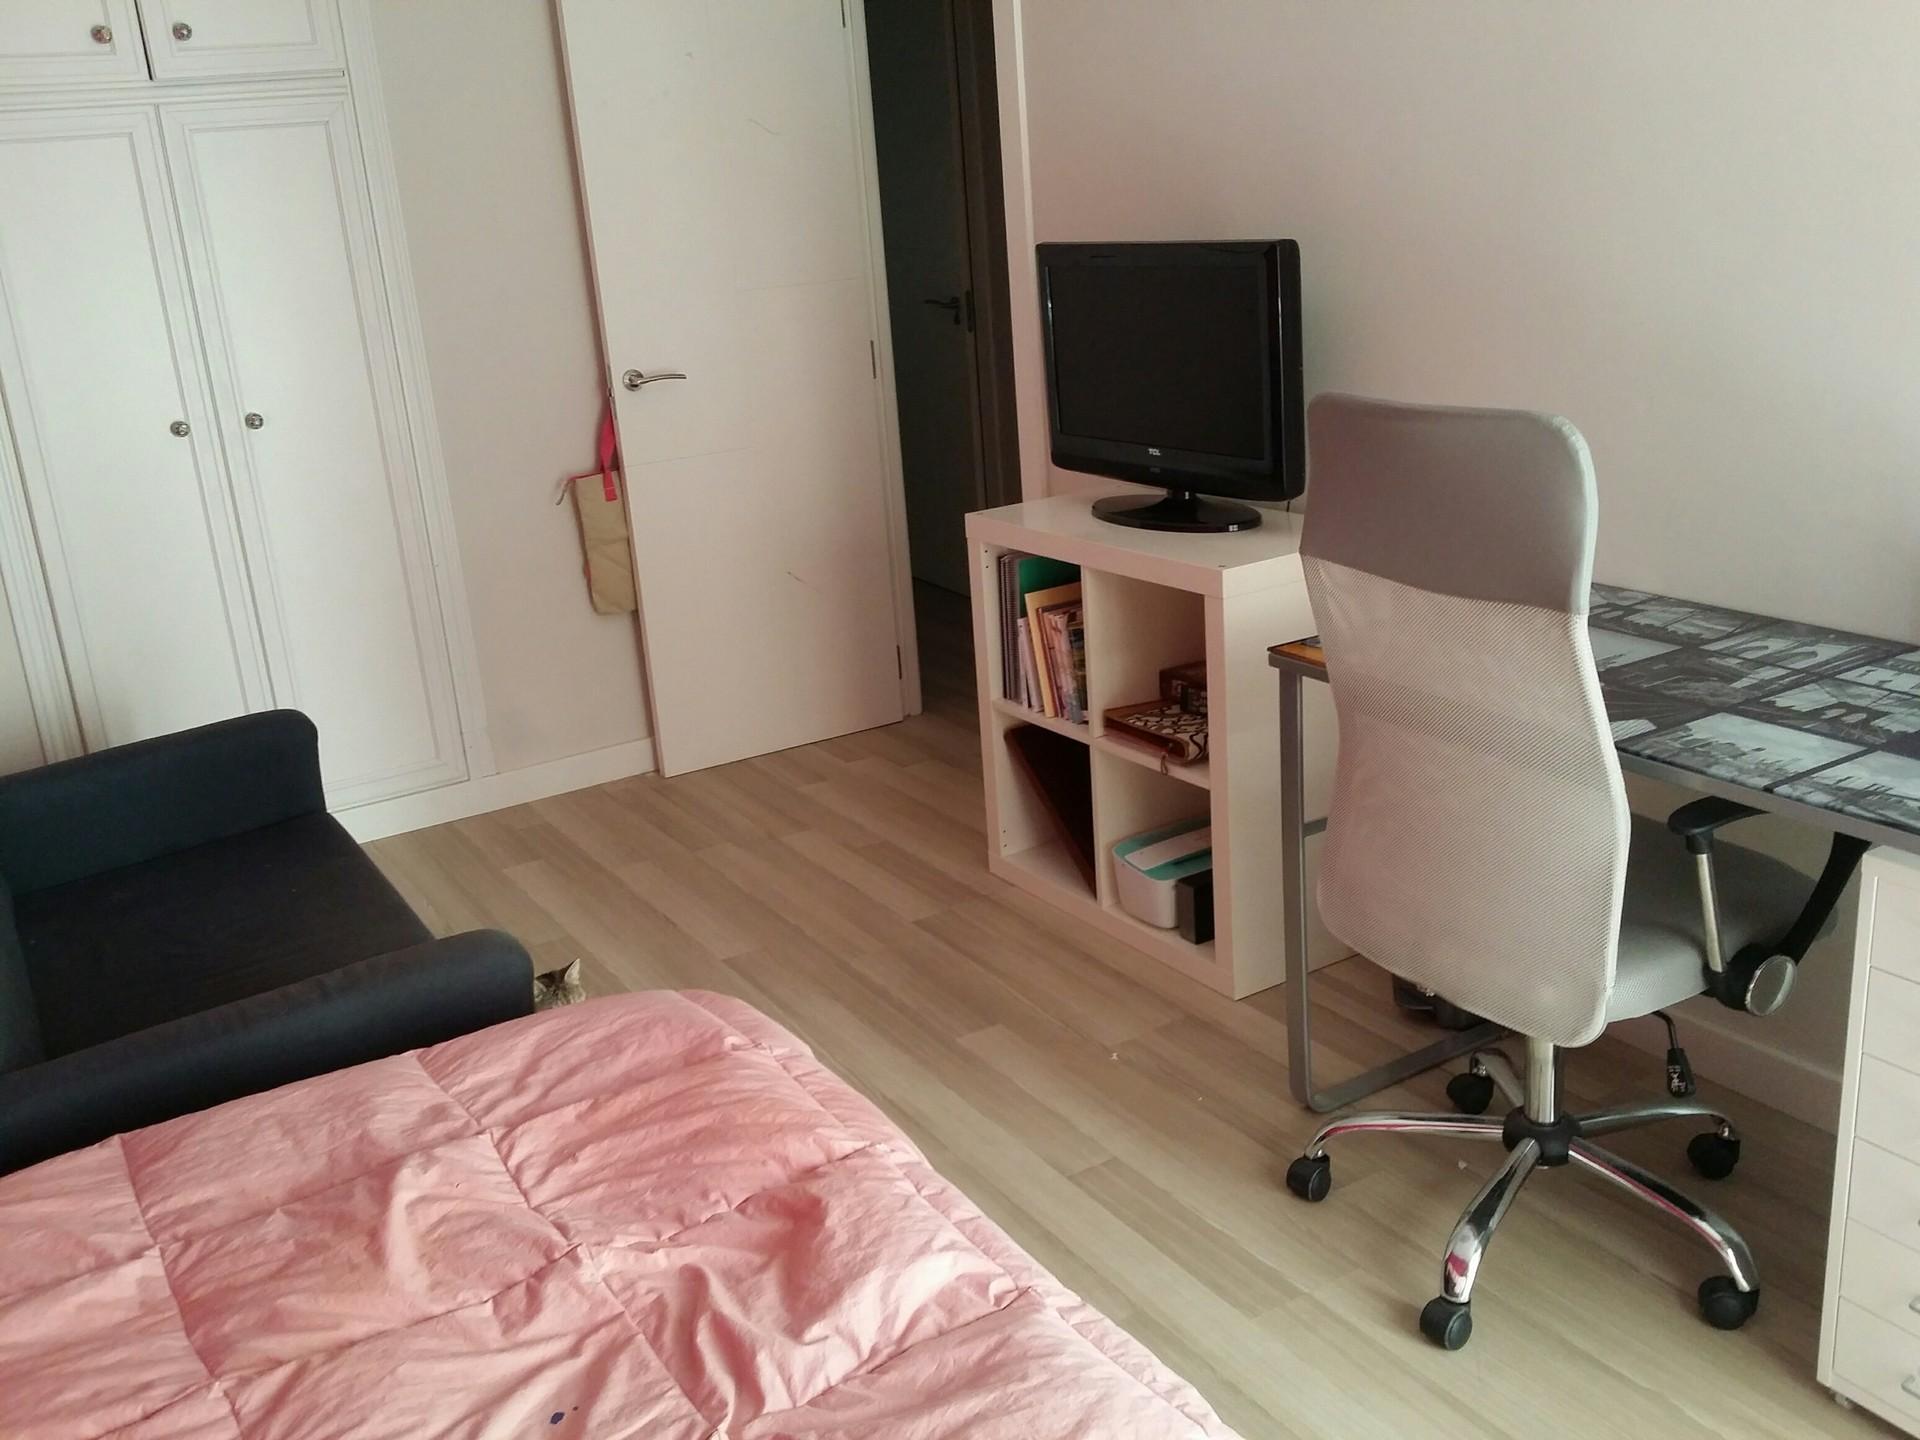 Alquilo habitaci n con sofa y tv ba o y balcon propio - Sofas para habitacion ...